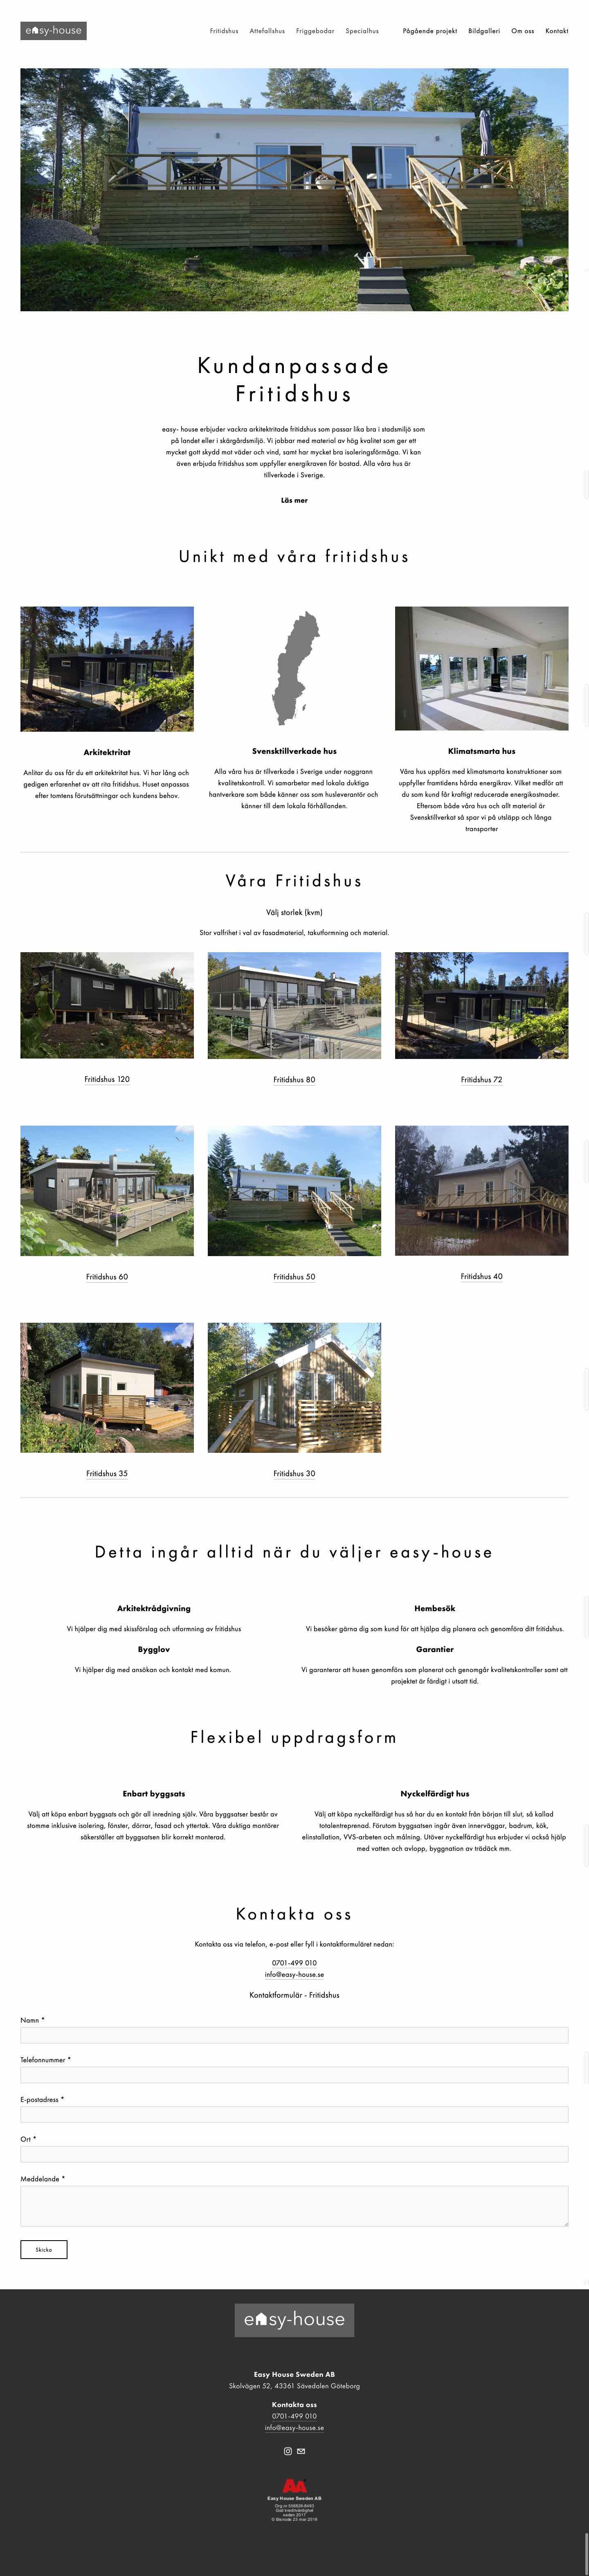 framtidens-webbyrå-uppdrag-easy-house-fritidshus.jpeg